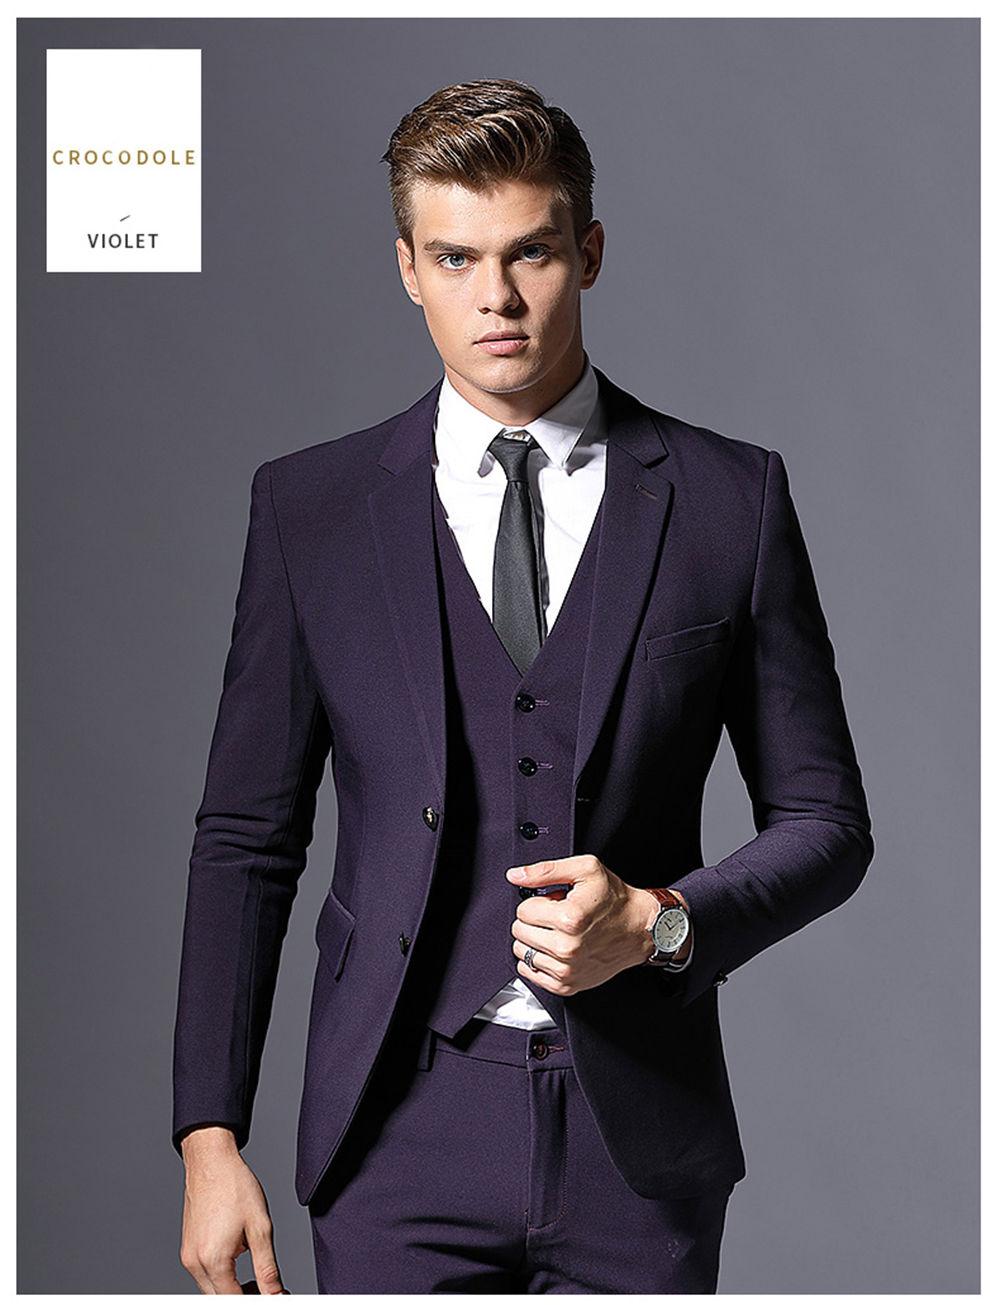 34de5d3234e2b US $75.96 |2018 Slim Fit Dark Purple Tuxedo Suits Men Wedding Dress 3 Piece  (Jacket+Pants+Vest) Business Suit Men Costume Homme-in Suits from Men's ...